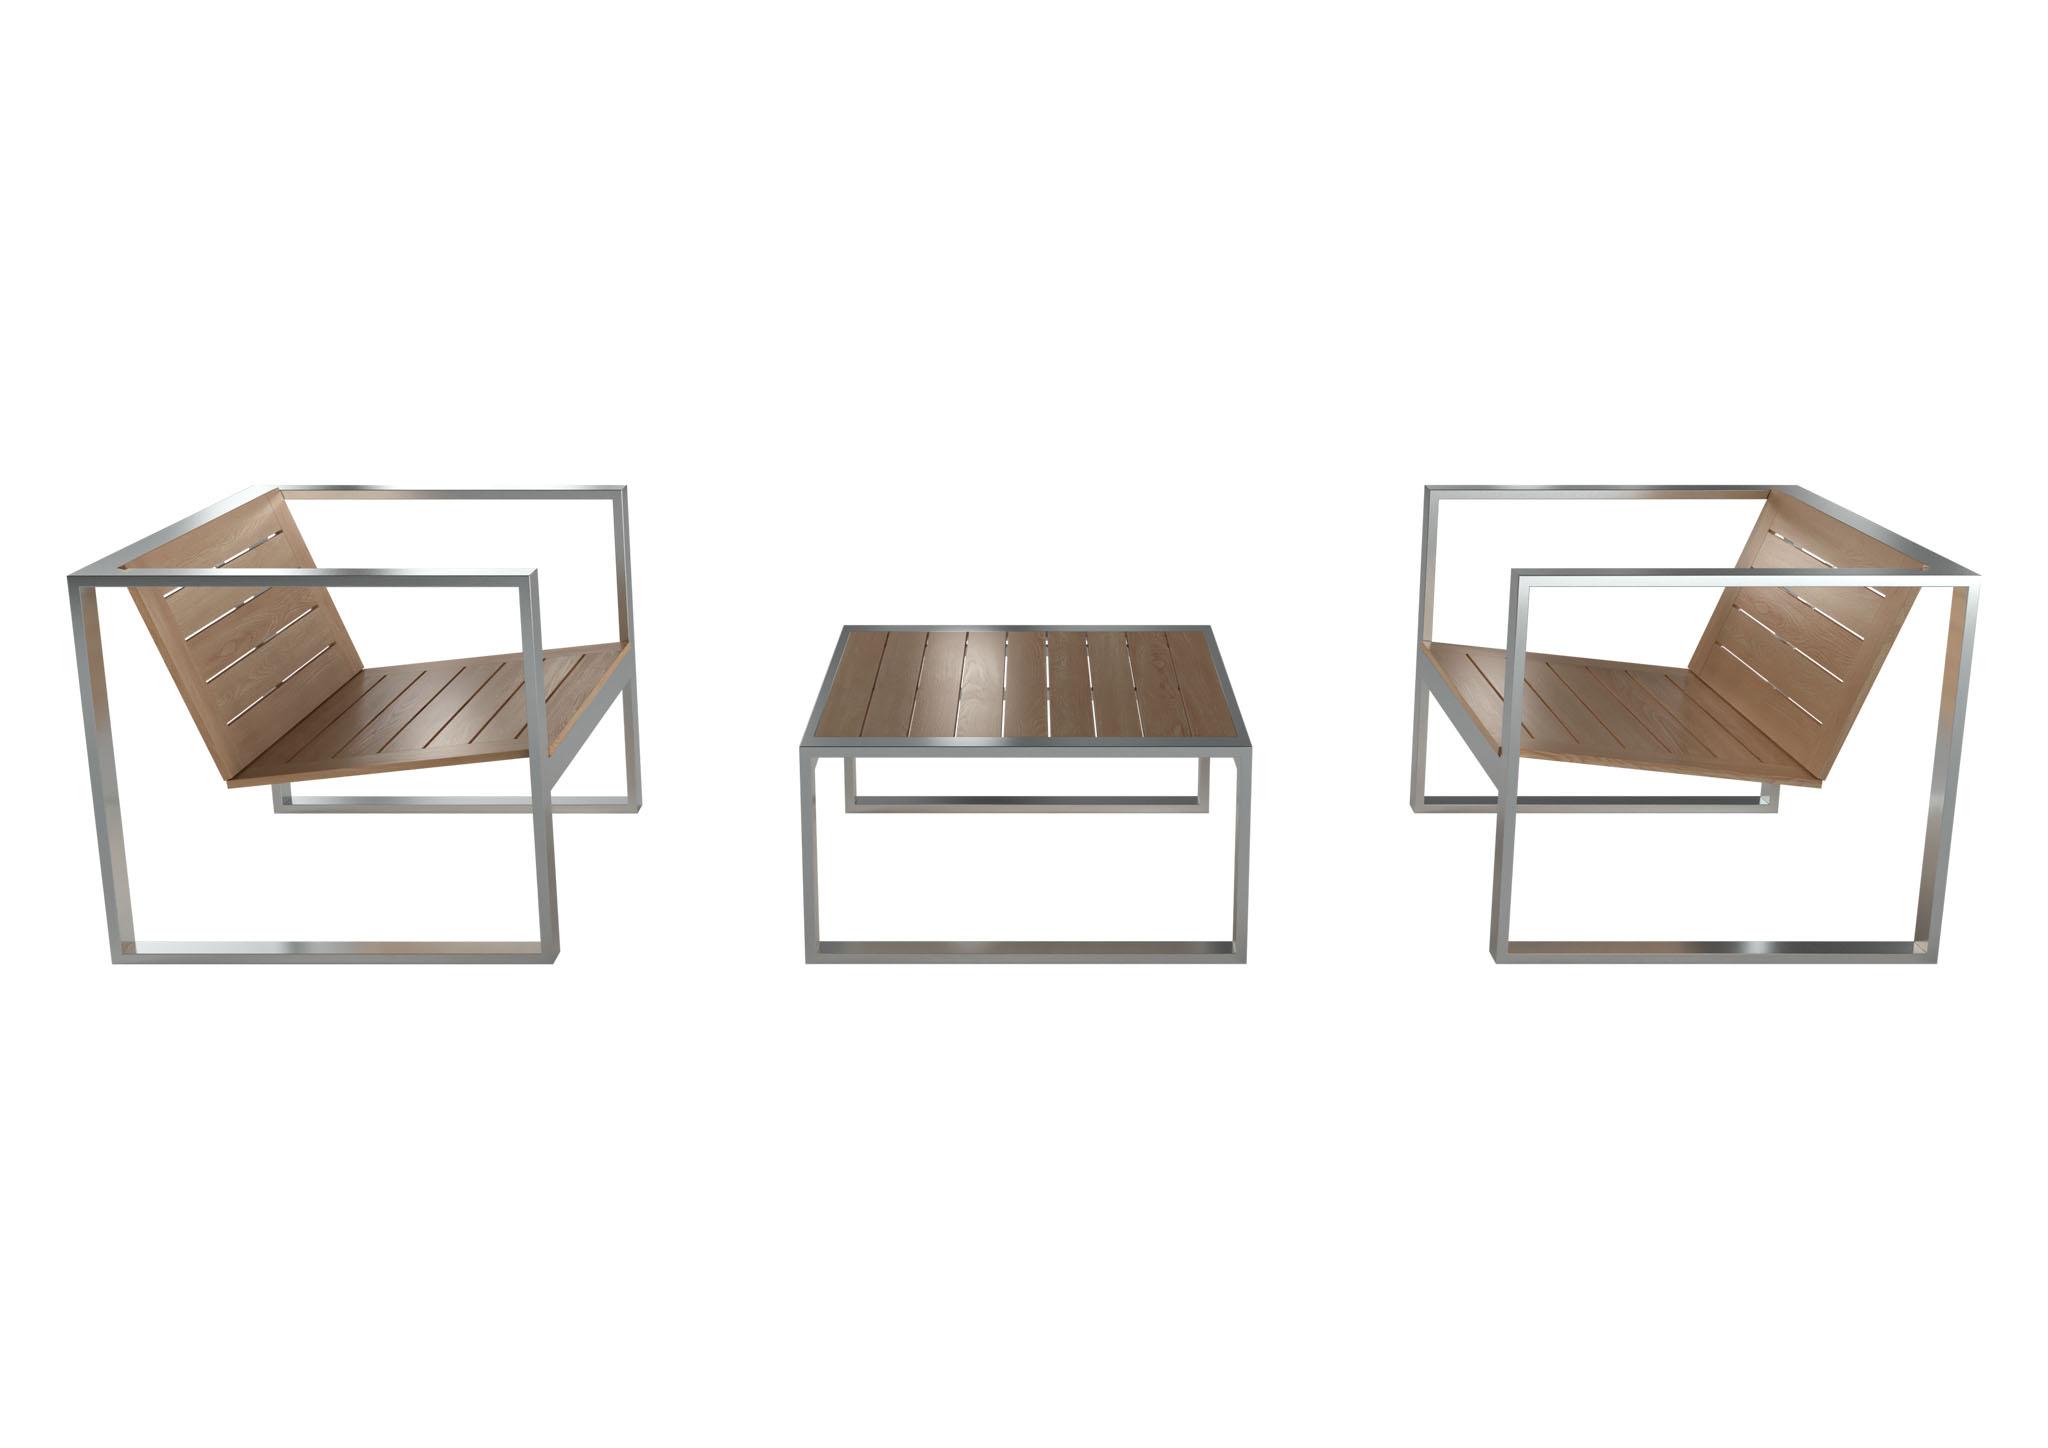 комплект мебели outdoor на заказ